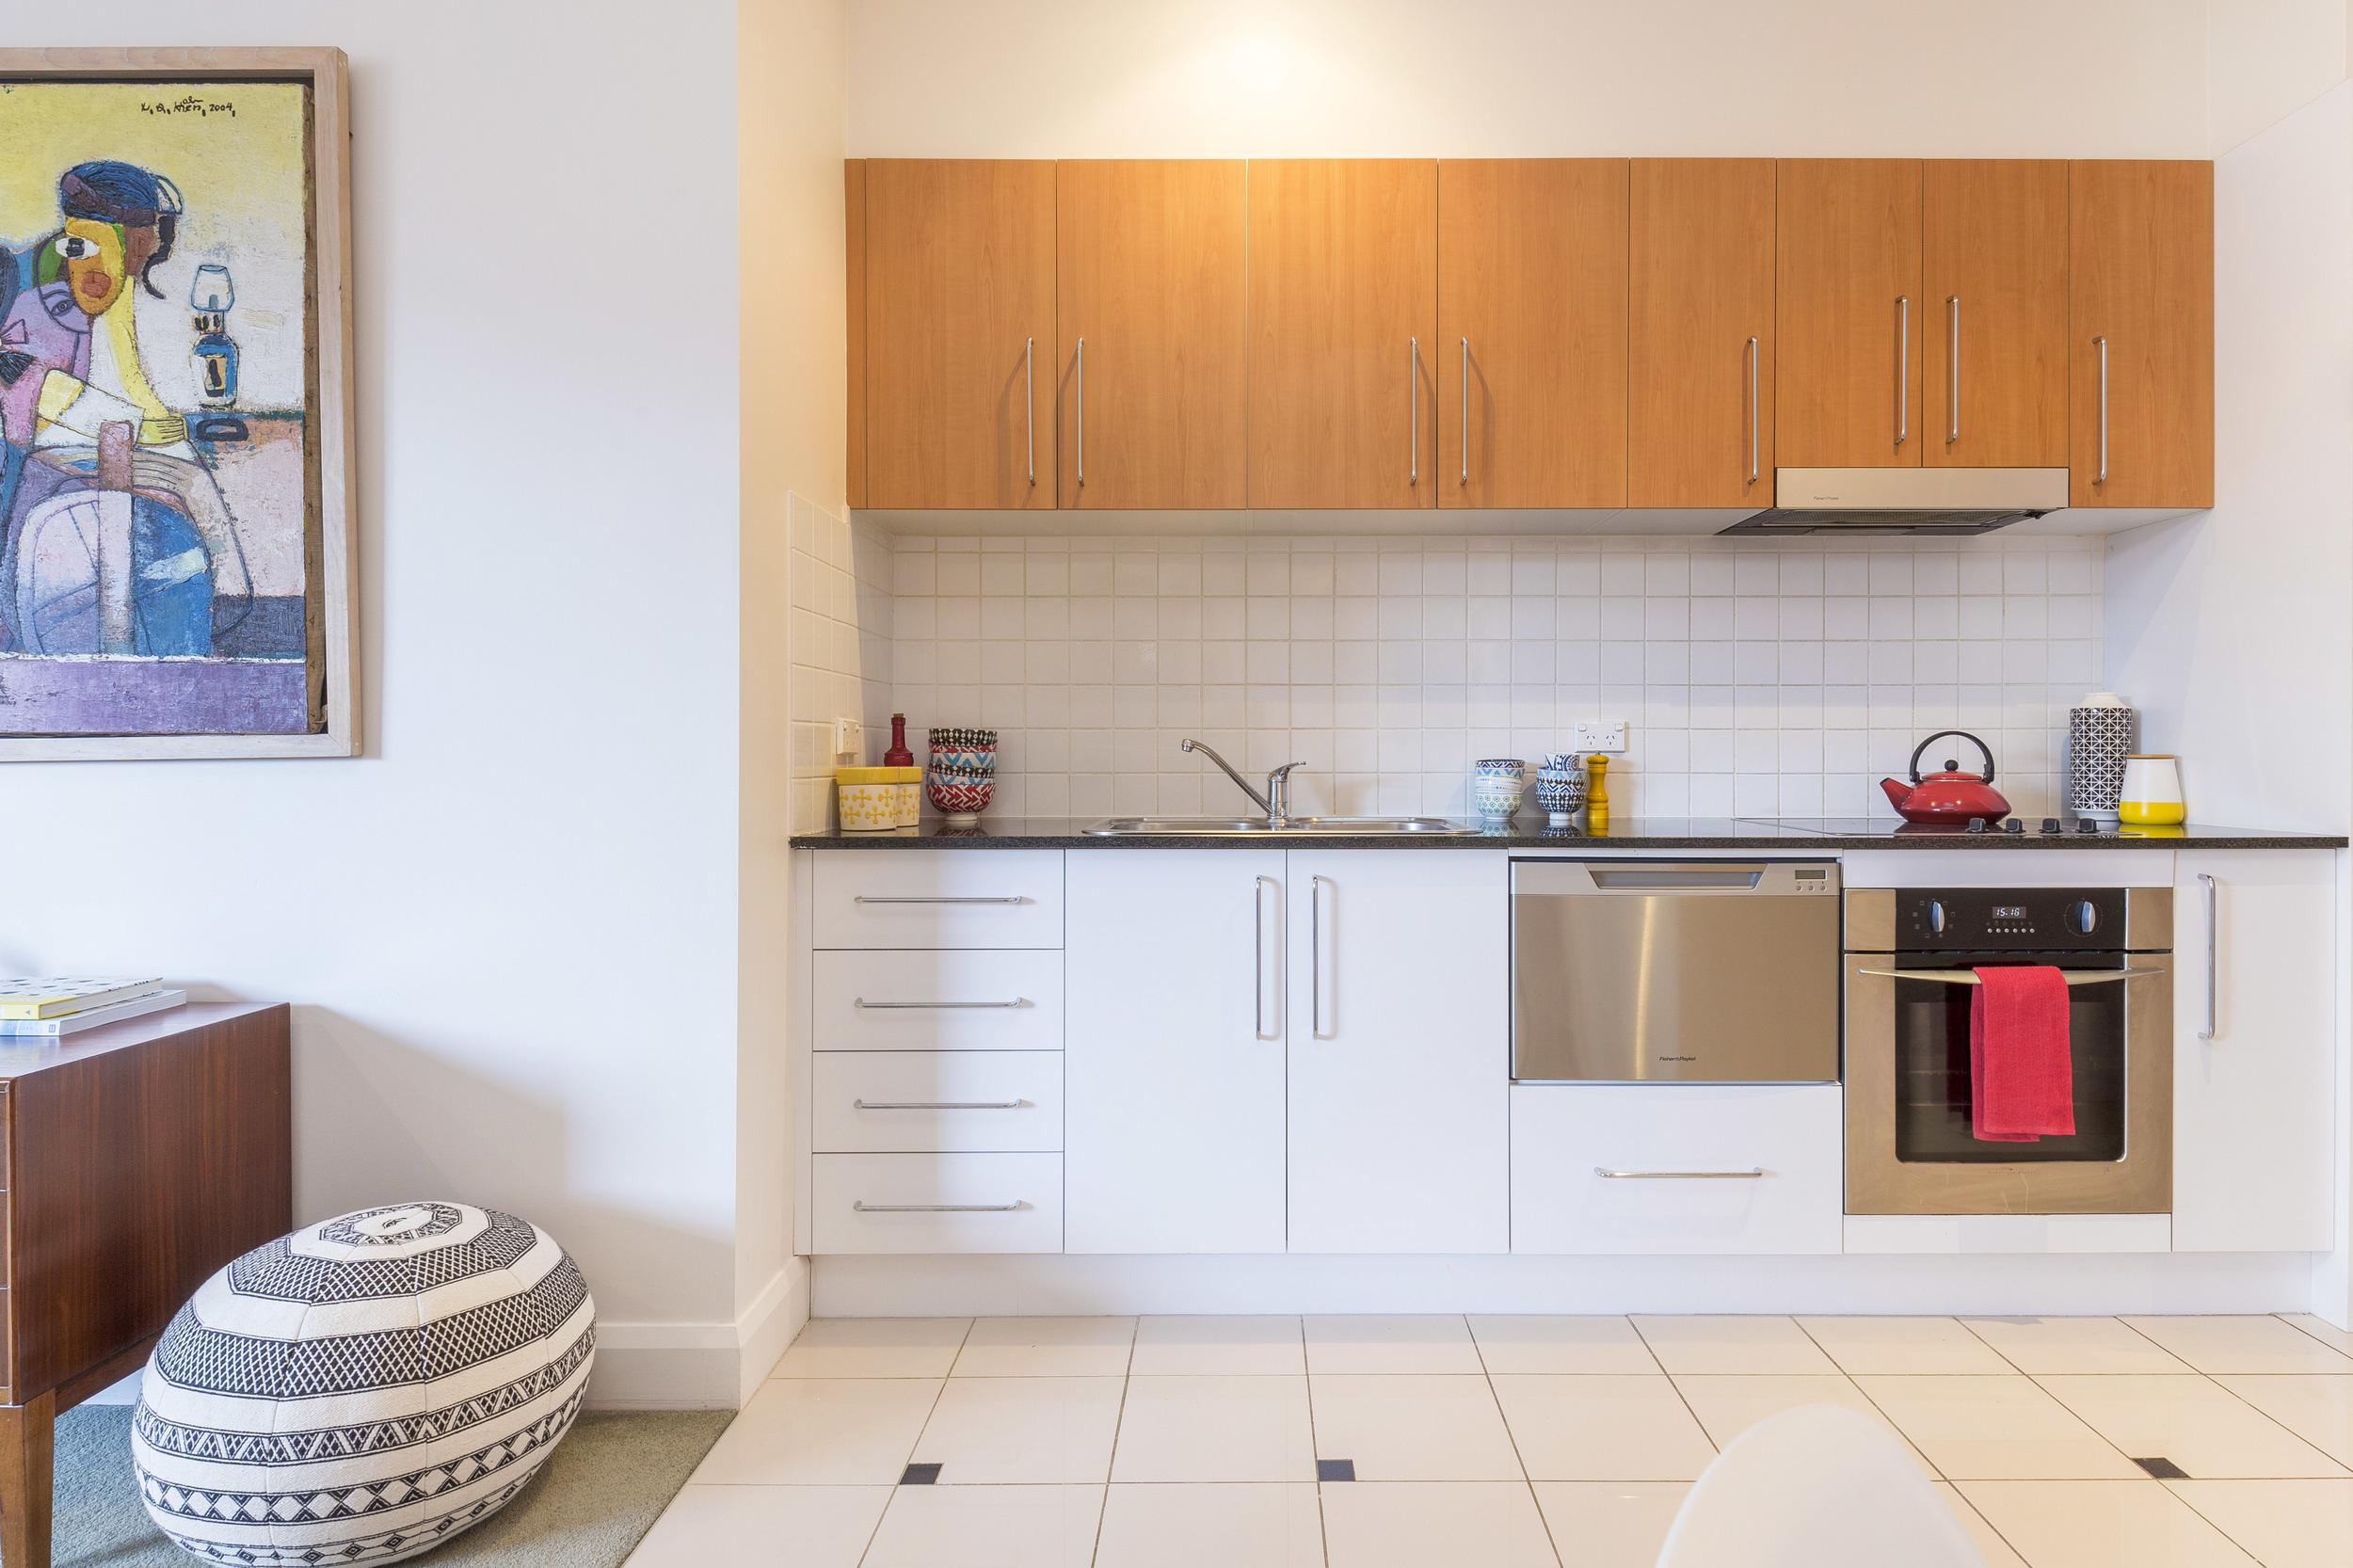 sophie kitchen adfter.jpg